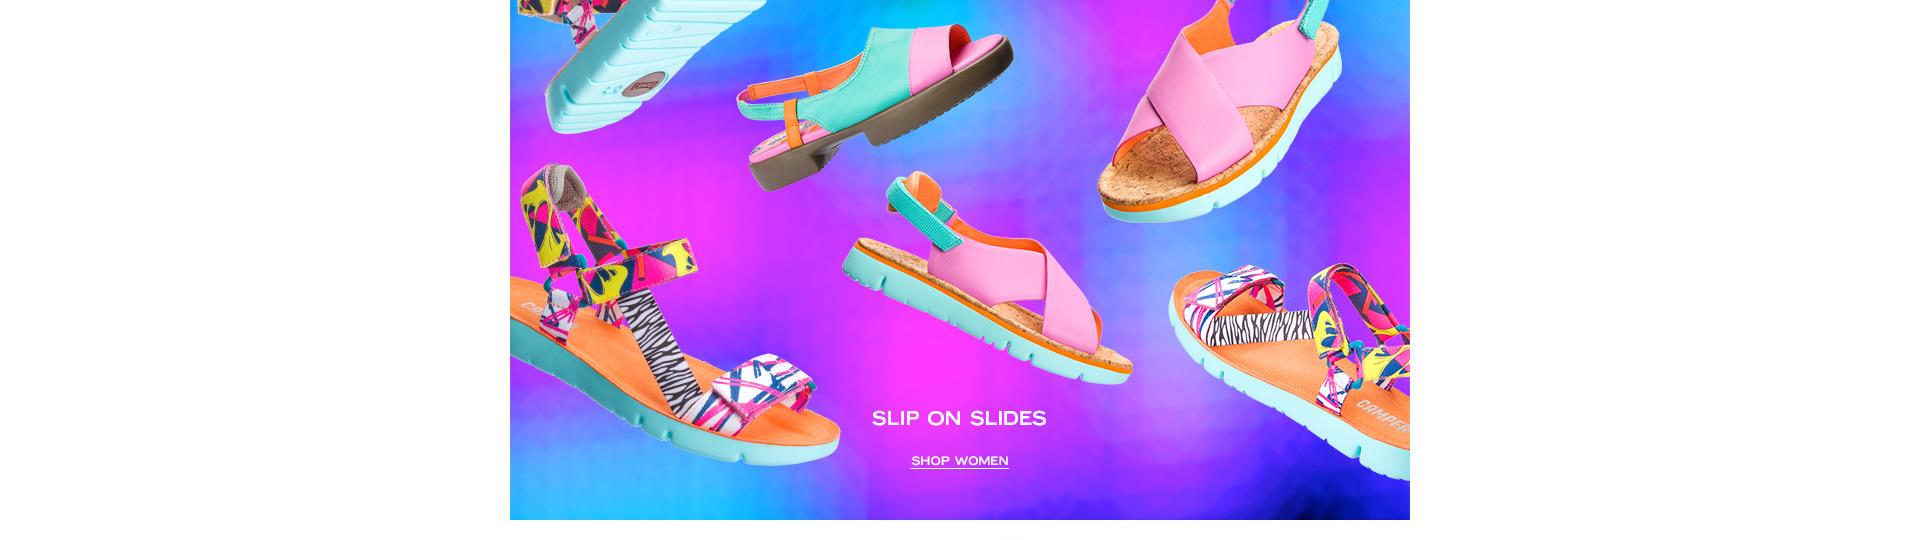 SLIP ON SLIDES